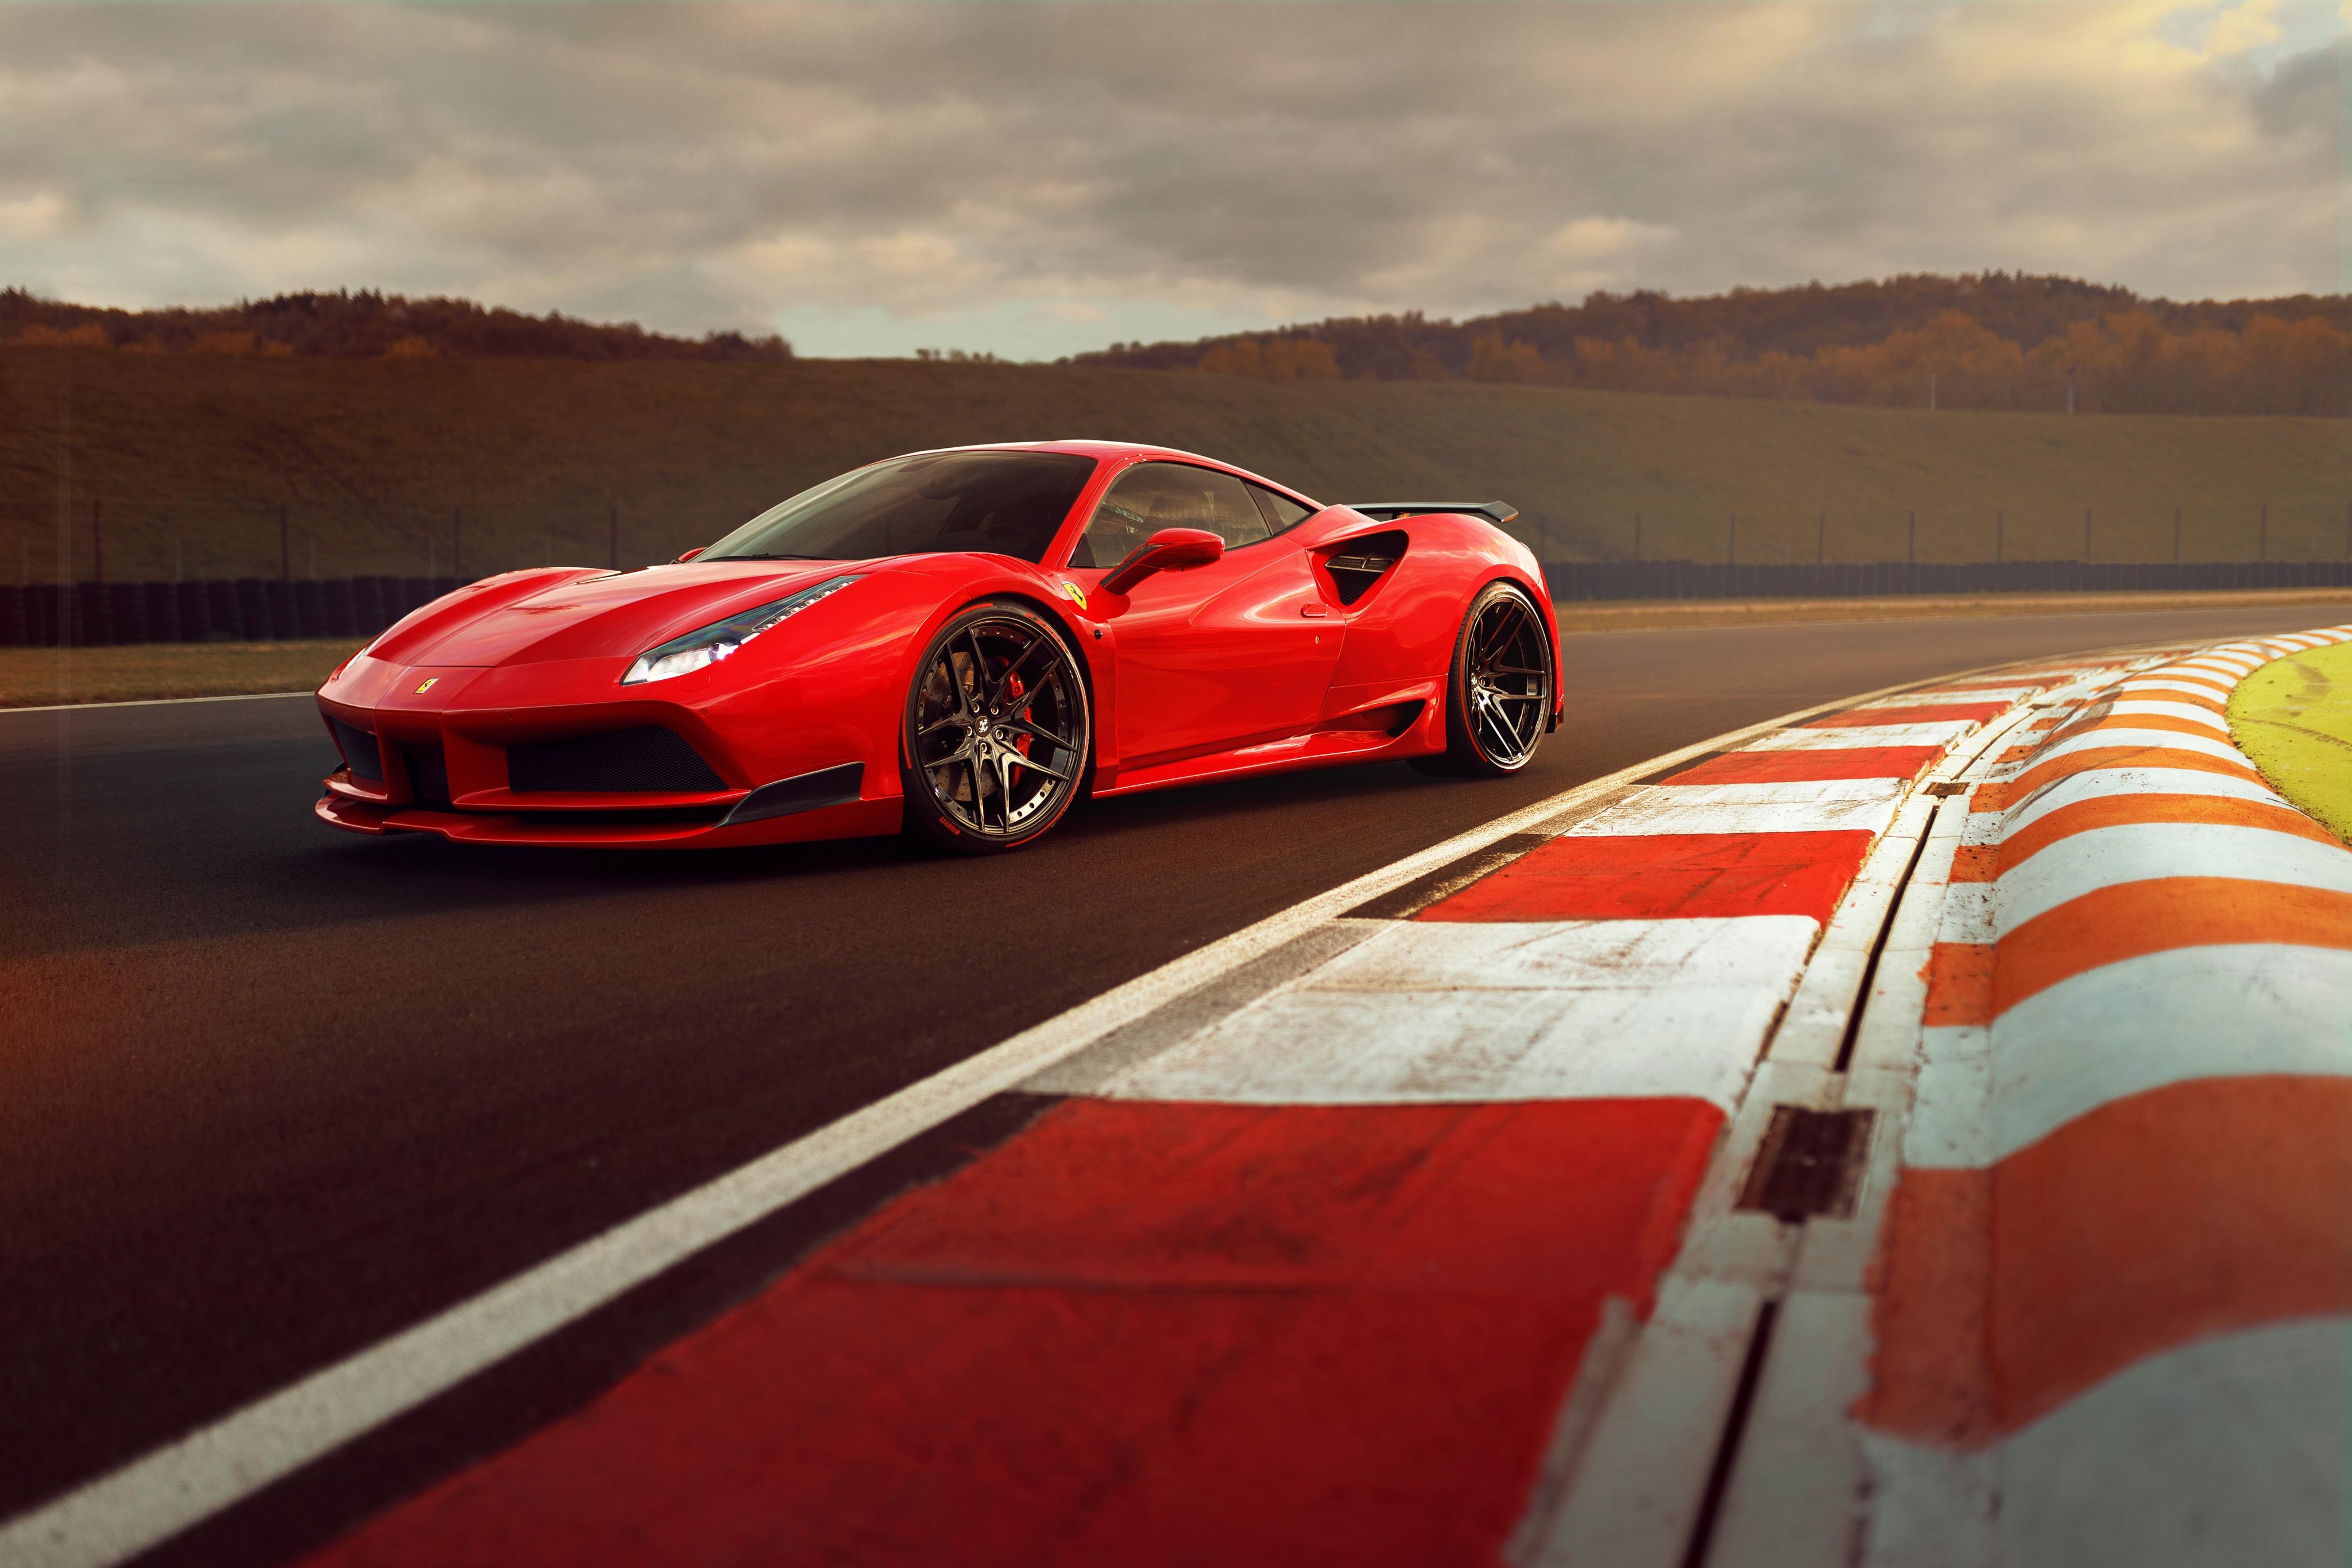 Ferrari 488 4k Ultra Hd Wallpaper Hintergrund 4096x2731 Id 841070 Wallpaper Abyss